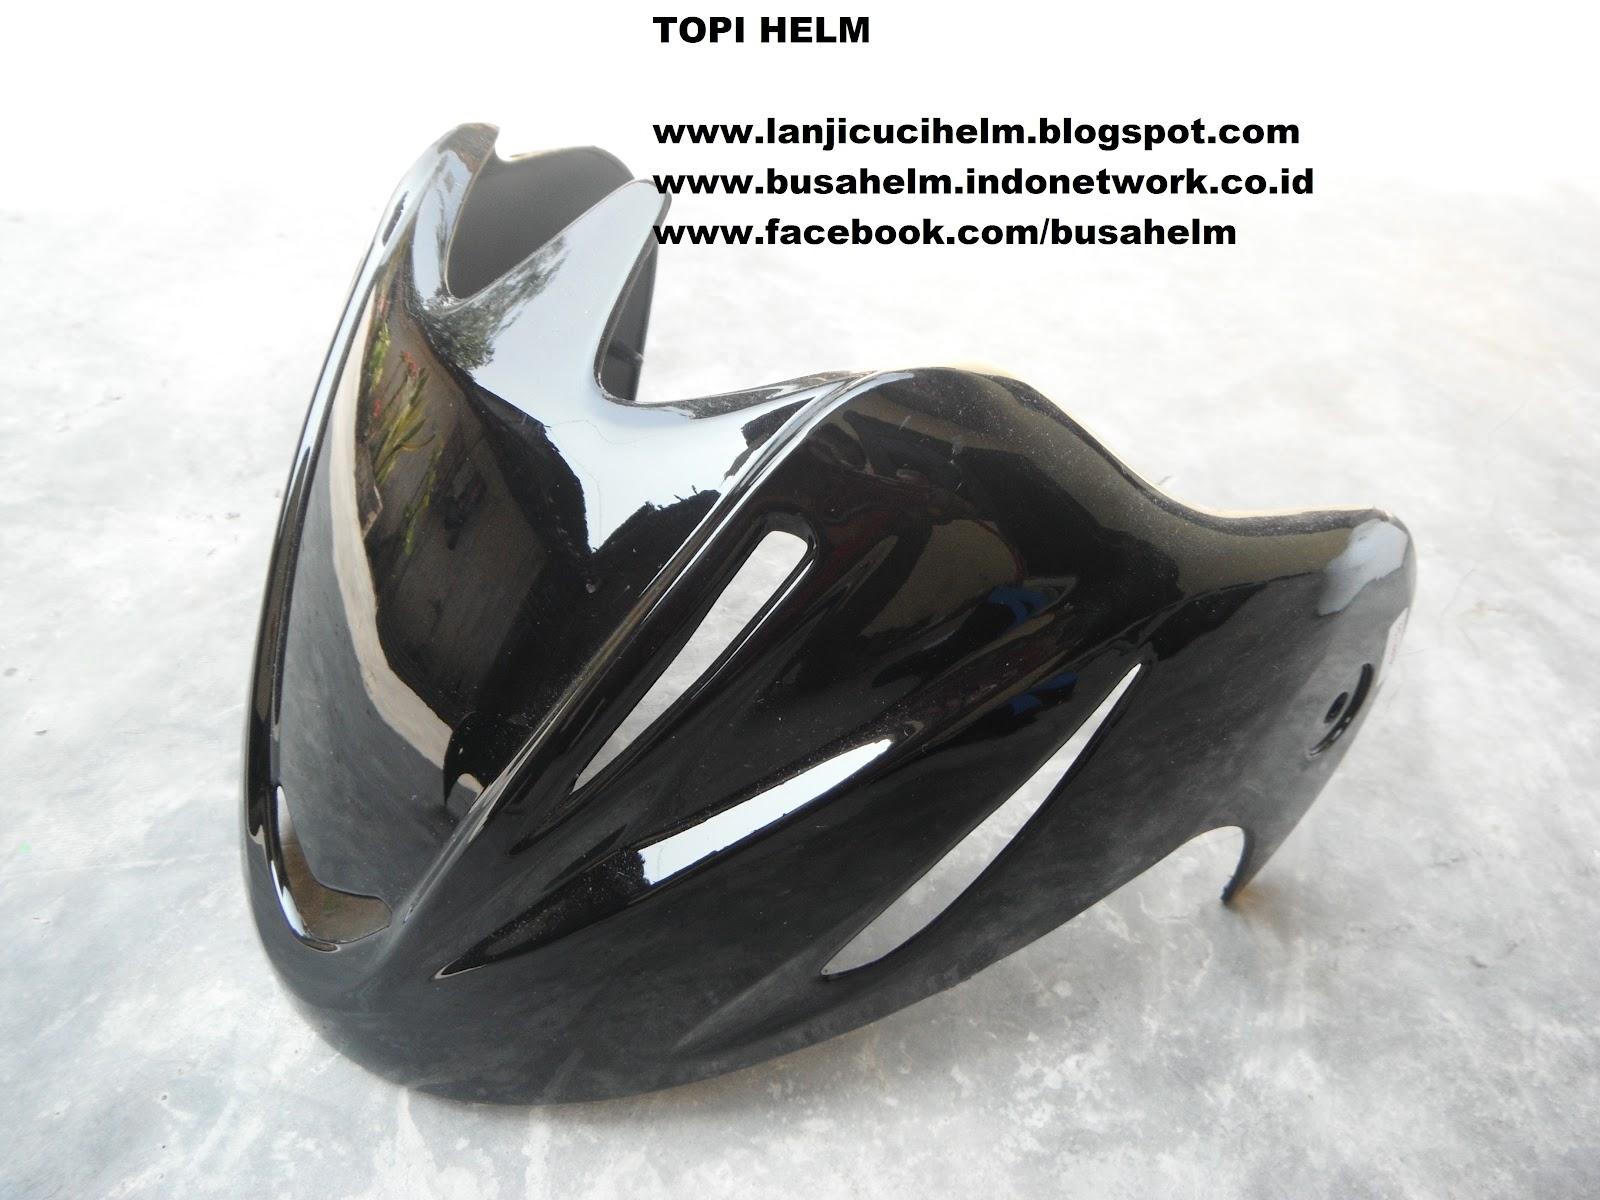 Pet Helm untuk INK CX-22, tersedia juga untuk helm cen-cen